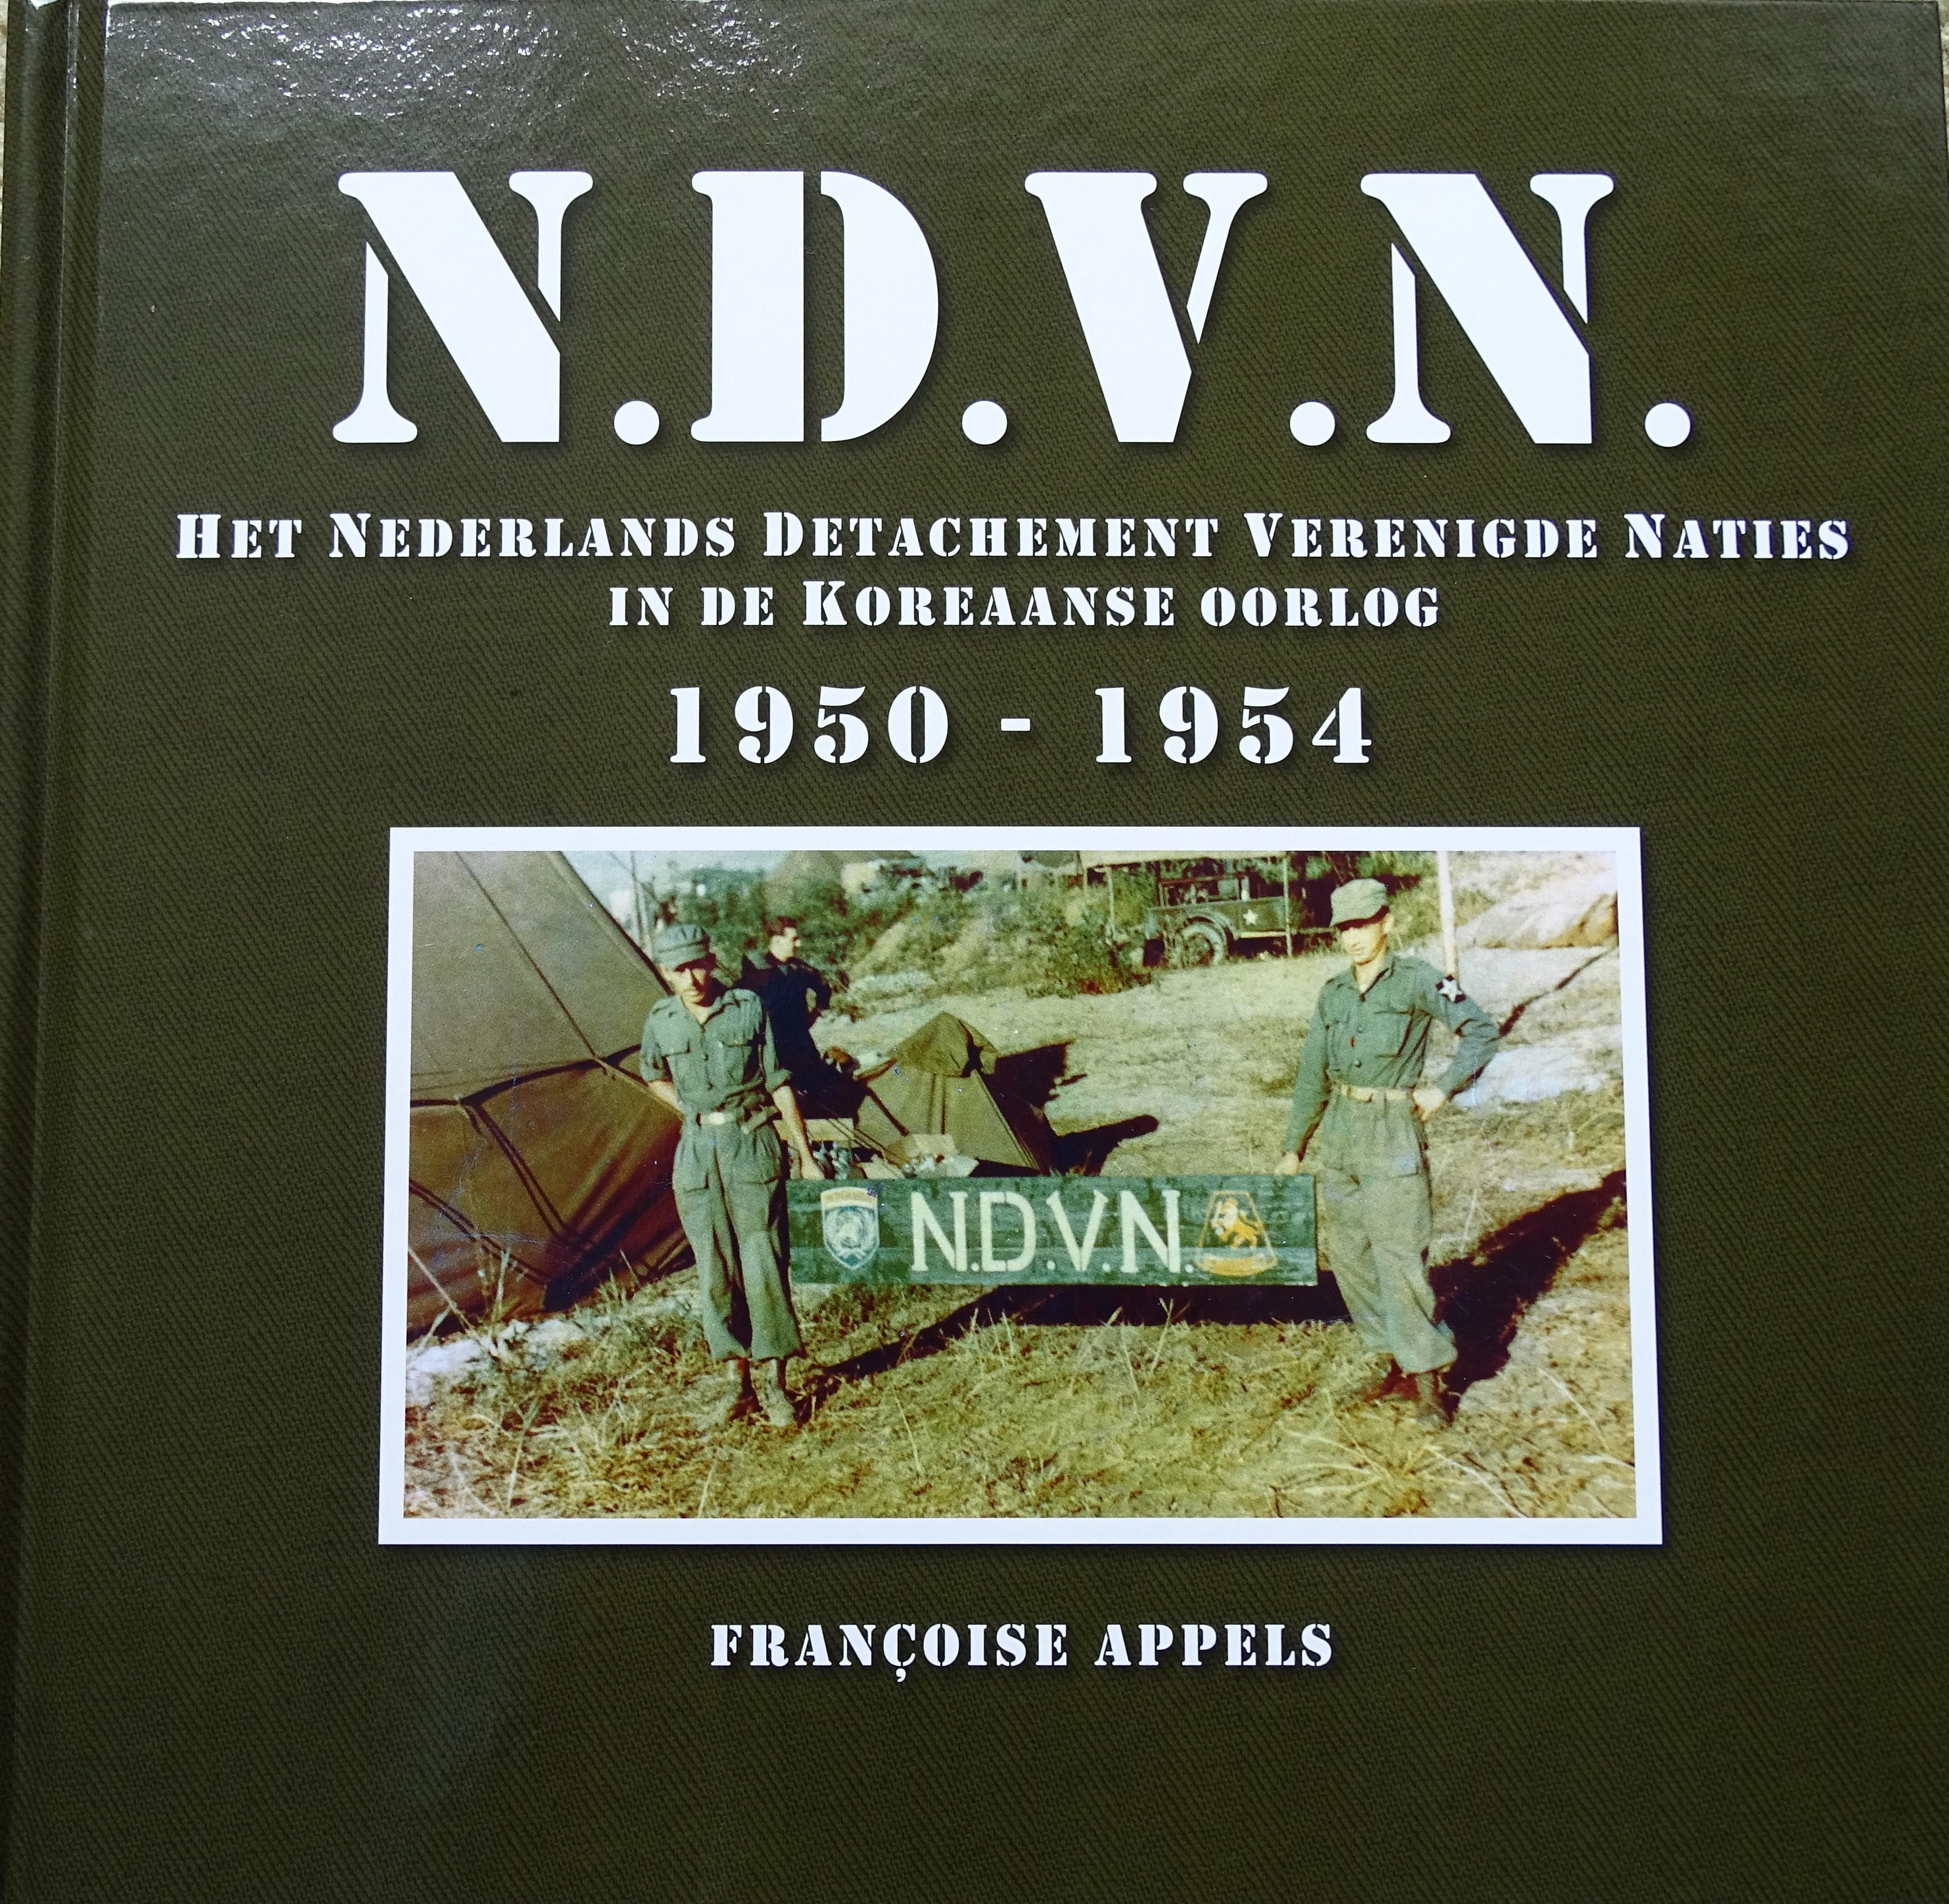 Françoise Appels, auteur van NDVN (Het Nederlands Detachement Verenigde Naties in de Koreaanse Oorlog (Surinamers in Korea)